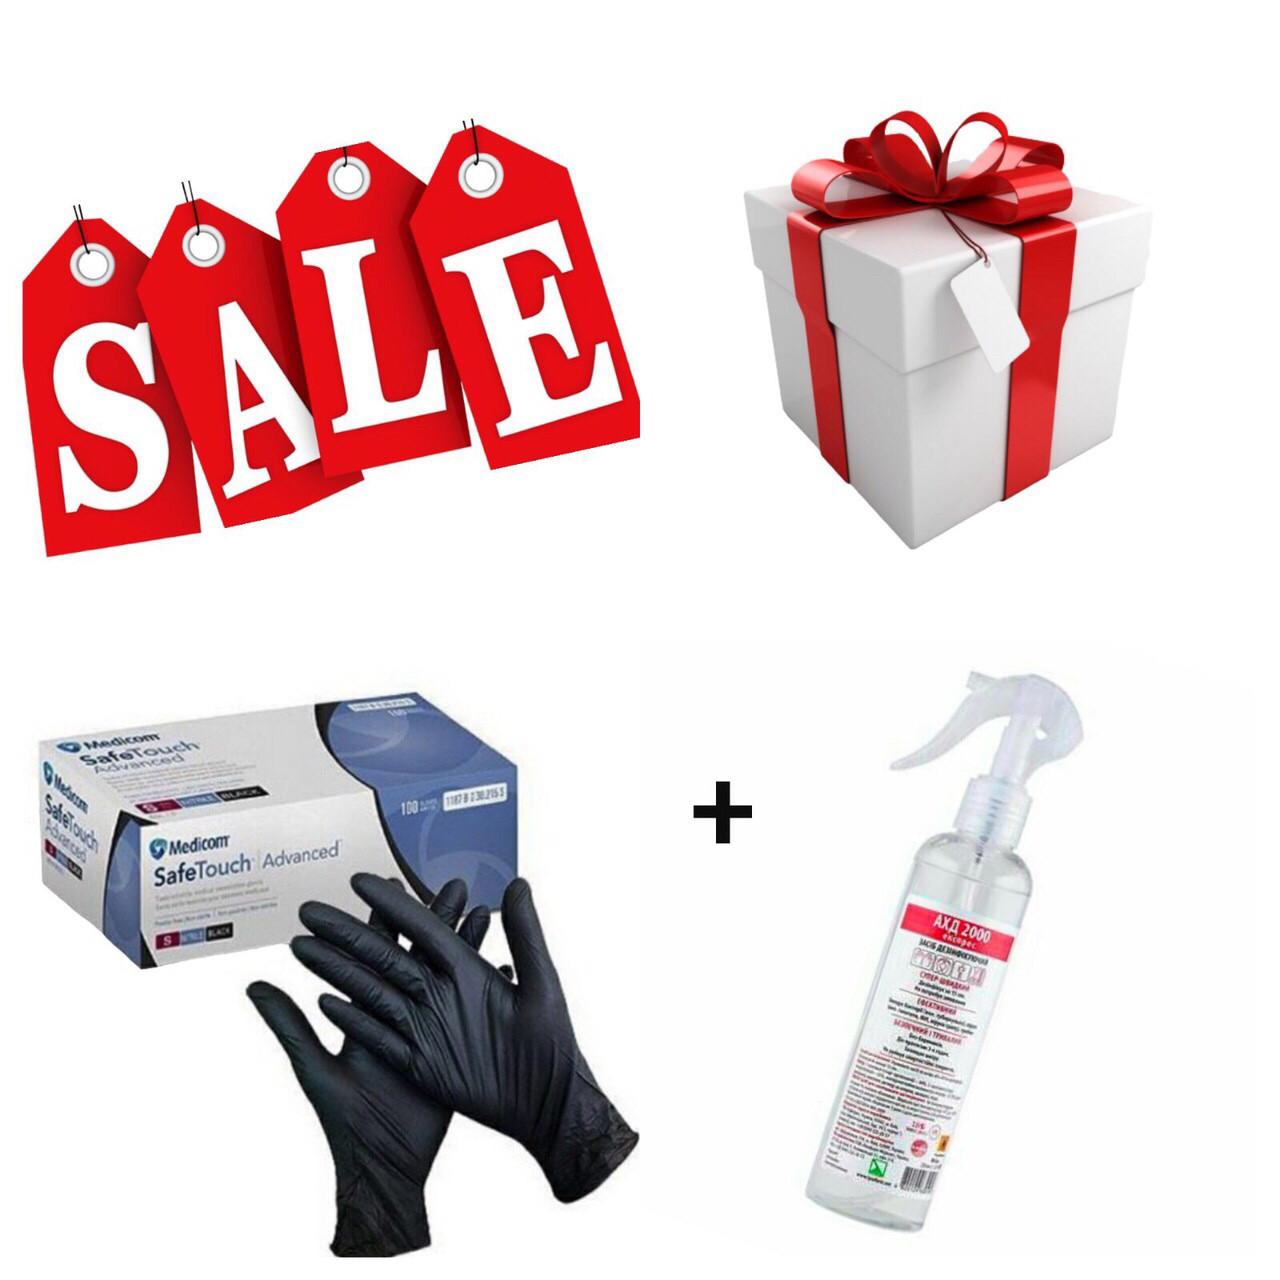 Clean box (АХД 2000 express  250 мл + нитриловые перчатки  Medicom размером S) Экономия 20%